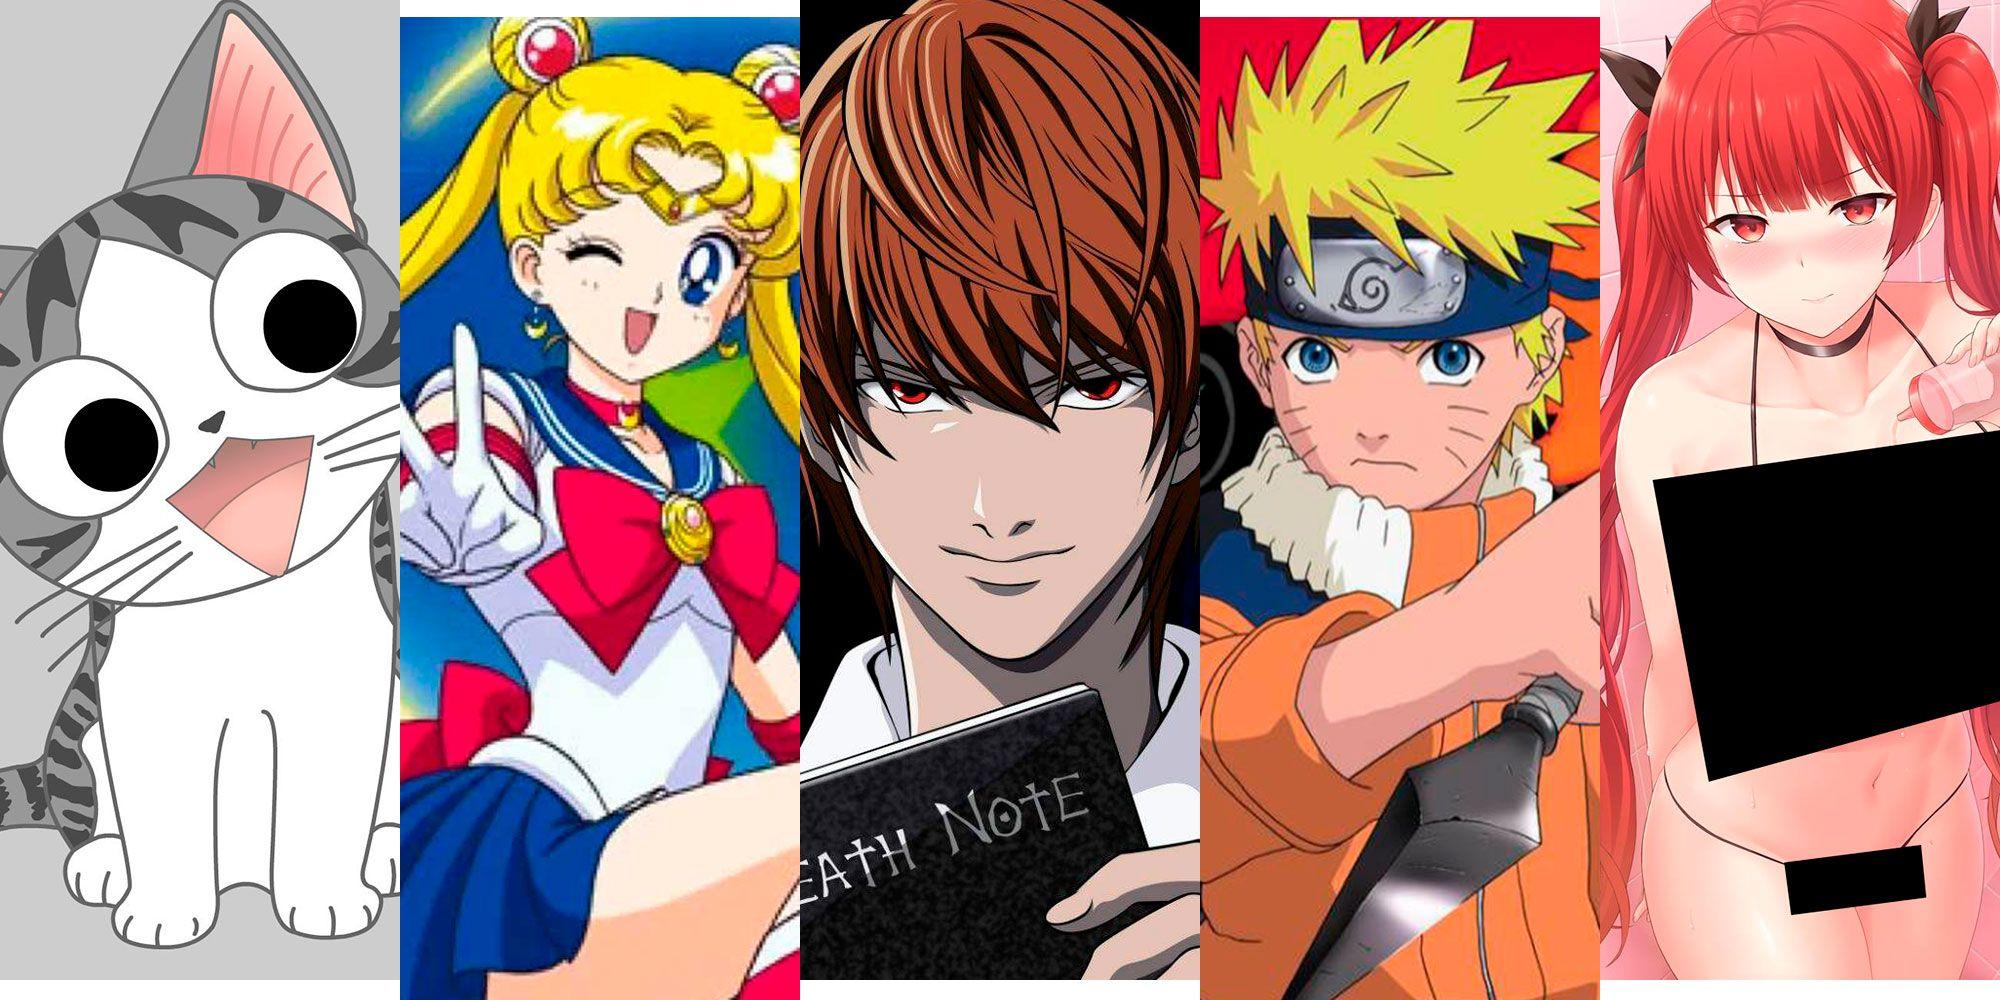 Test Que Tipo De Personaje De Anime Eres Reviews De Otakus